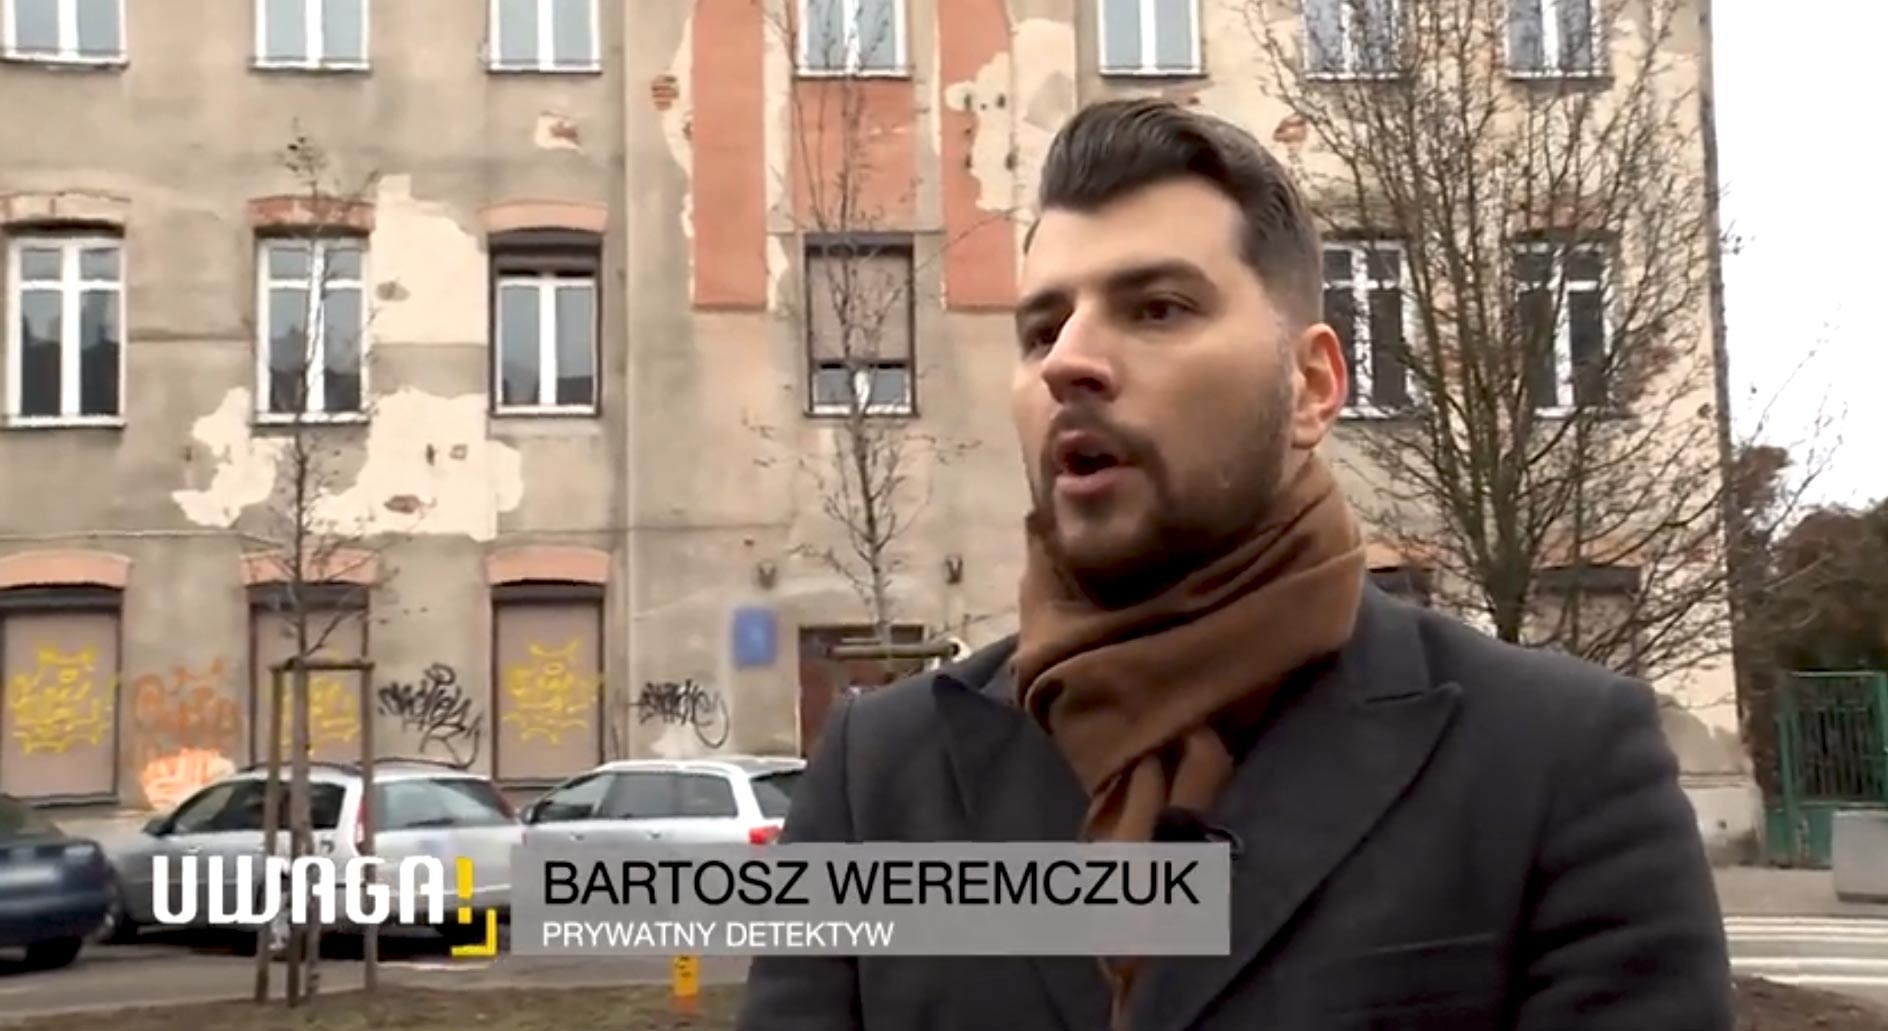 Brutalne morderstwo 35 letniego Marcina w Siedlcach – Detektyw Bartosz Weremczuk